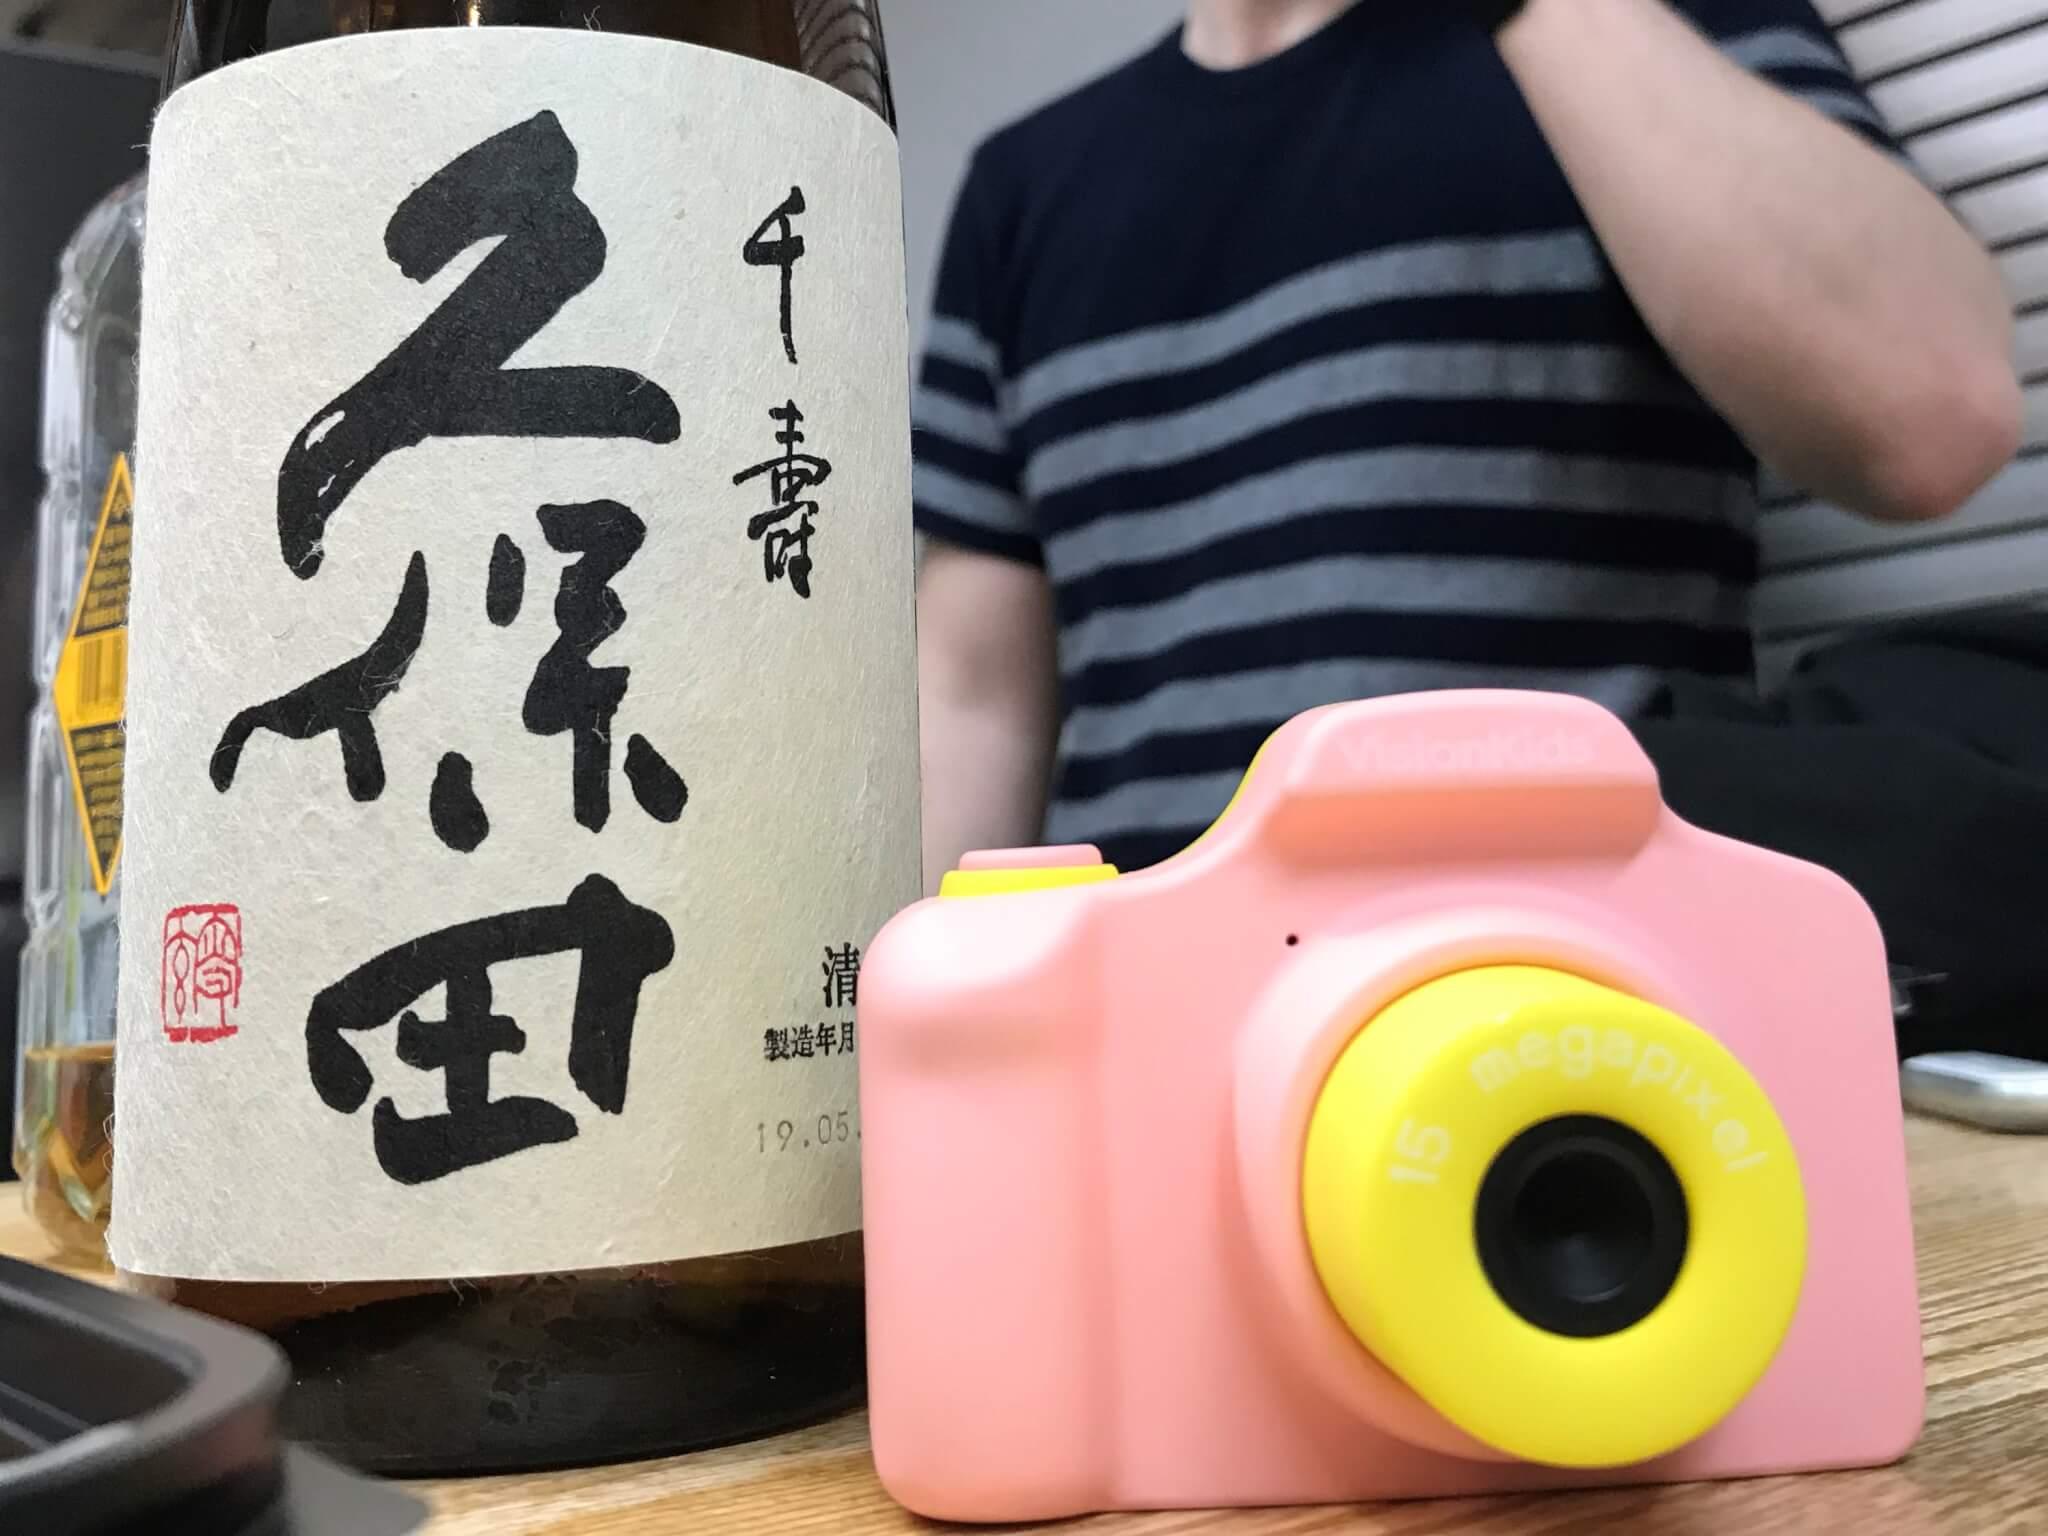 キッズカメラ「ハピカム」はお酒の場で大活躍!?酔った大人でも使えるのか検証してみた